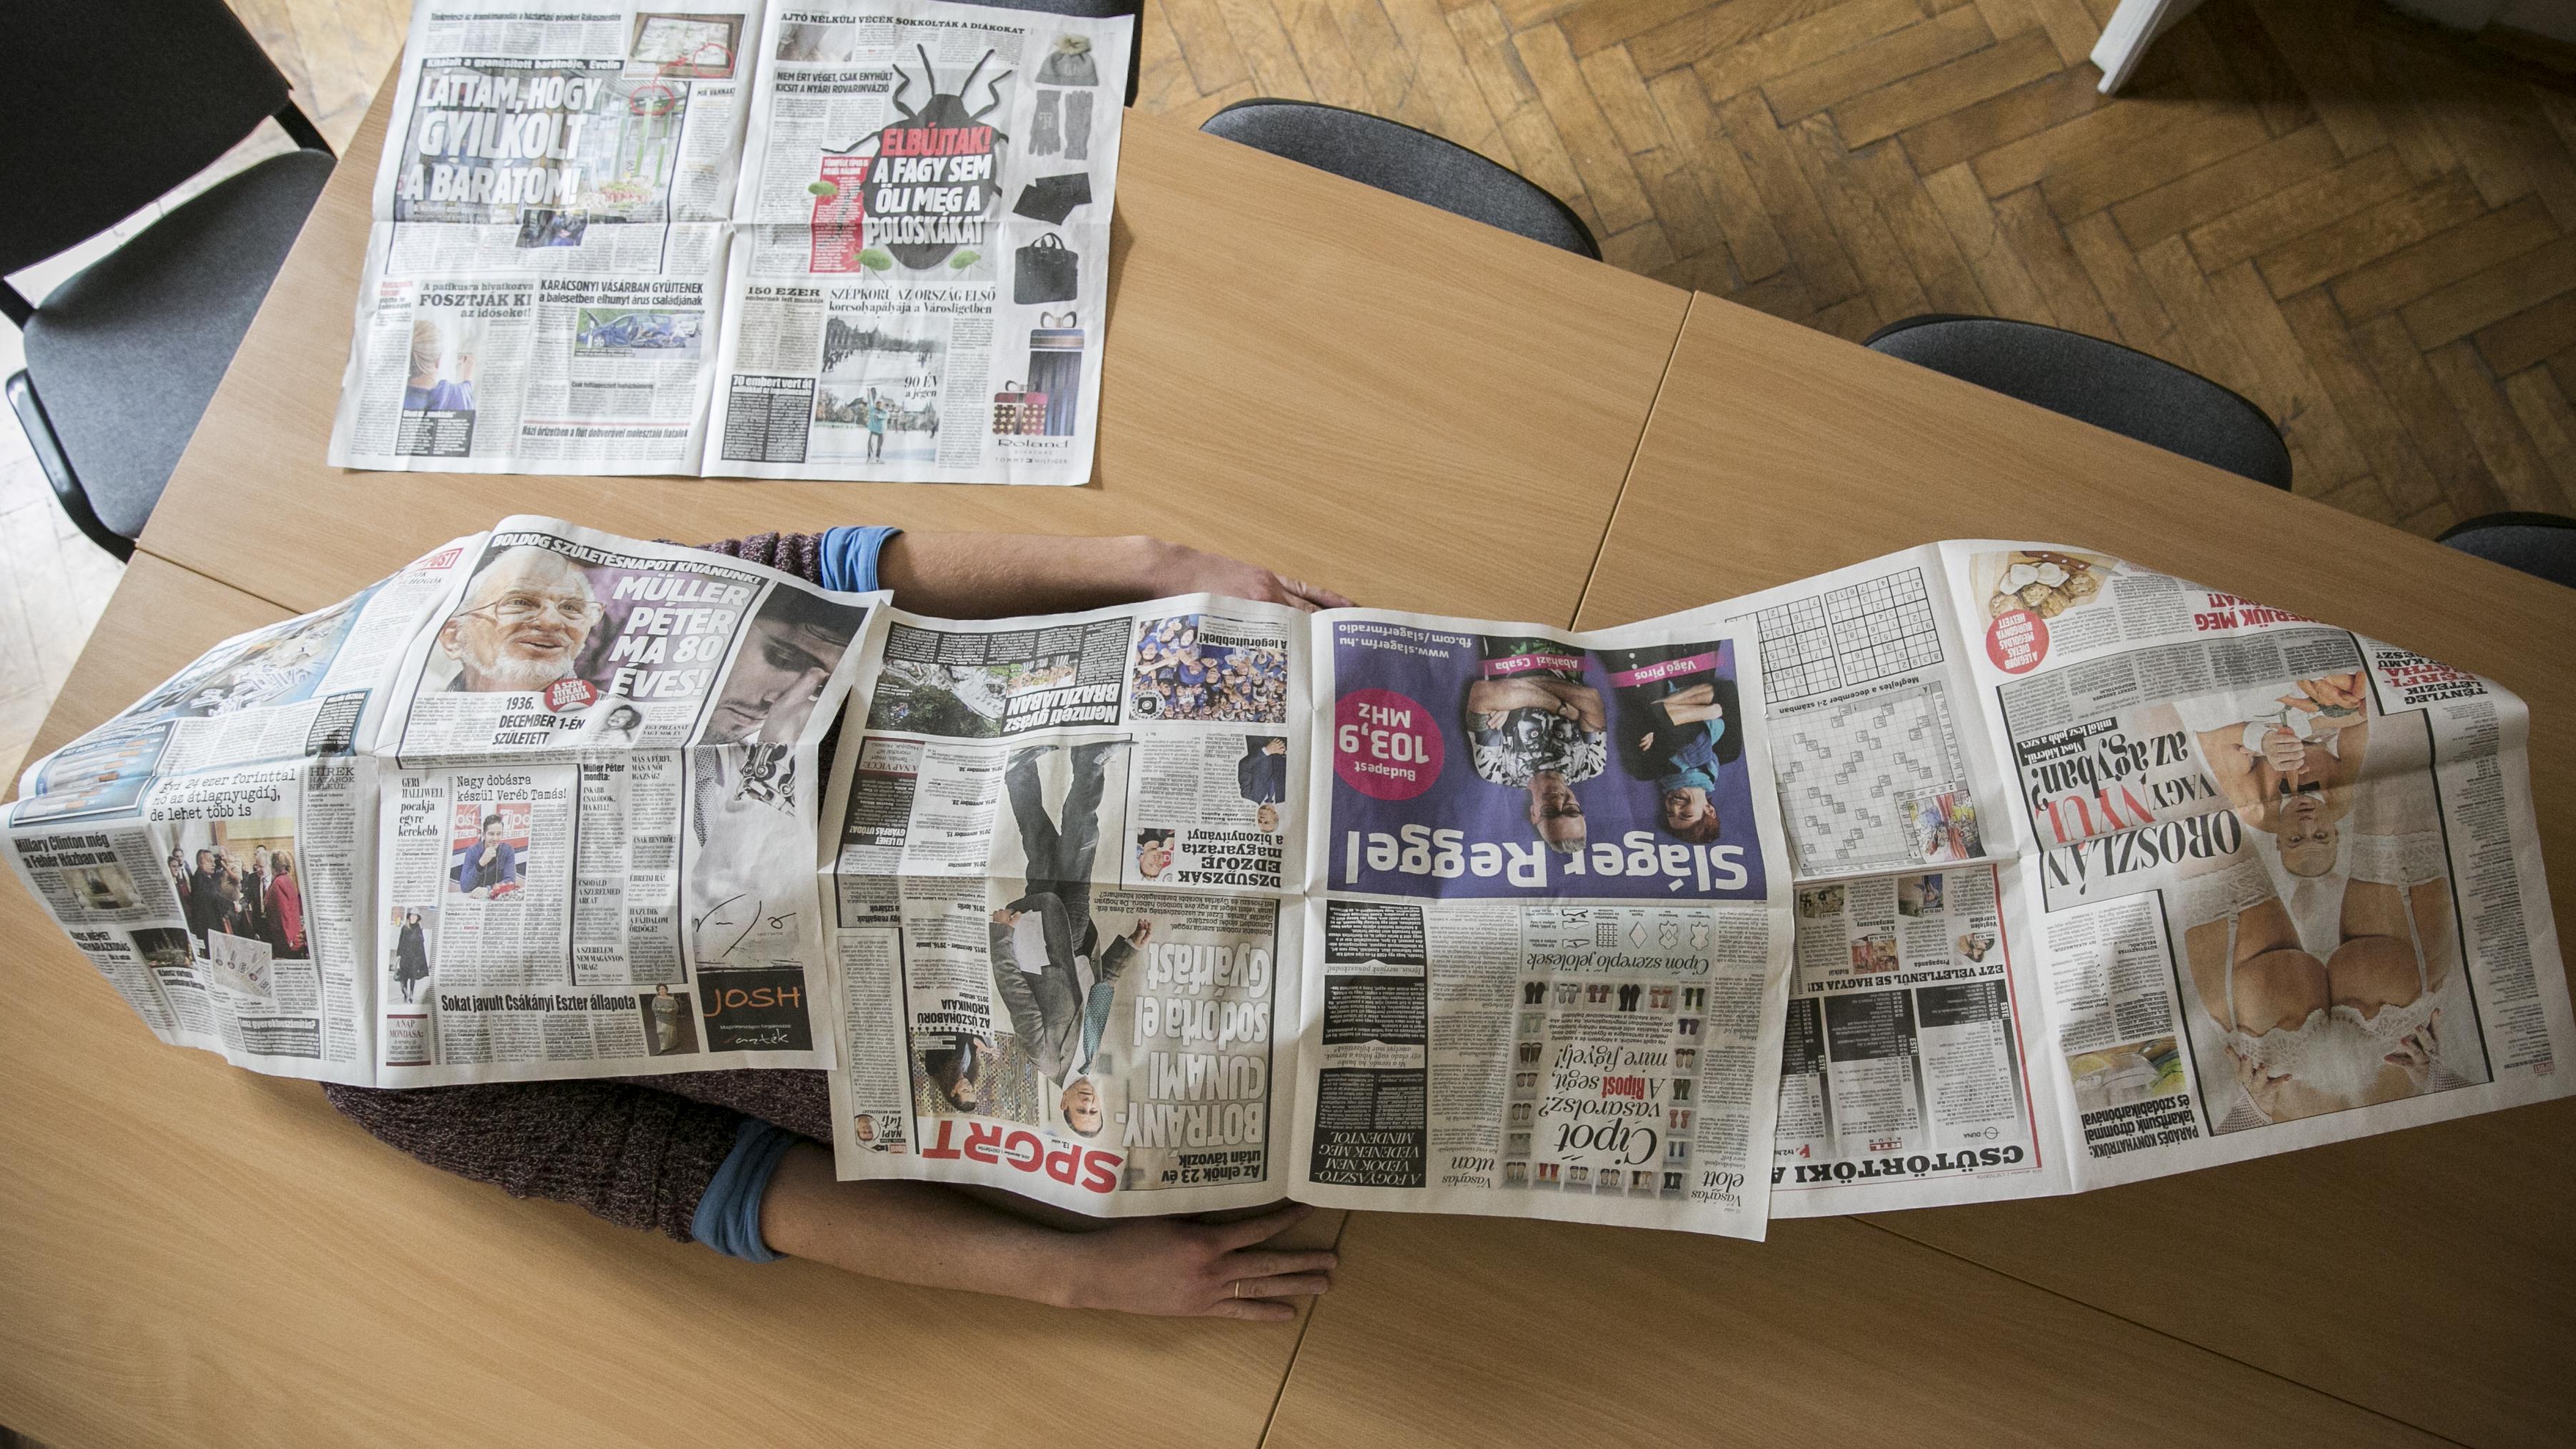 Egy 195 centis embert meg a kutyáját is be lehet takarni a Habony Művek legújabb nyomtatott napilapjával, a Riposttal